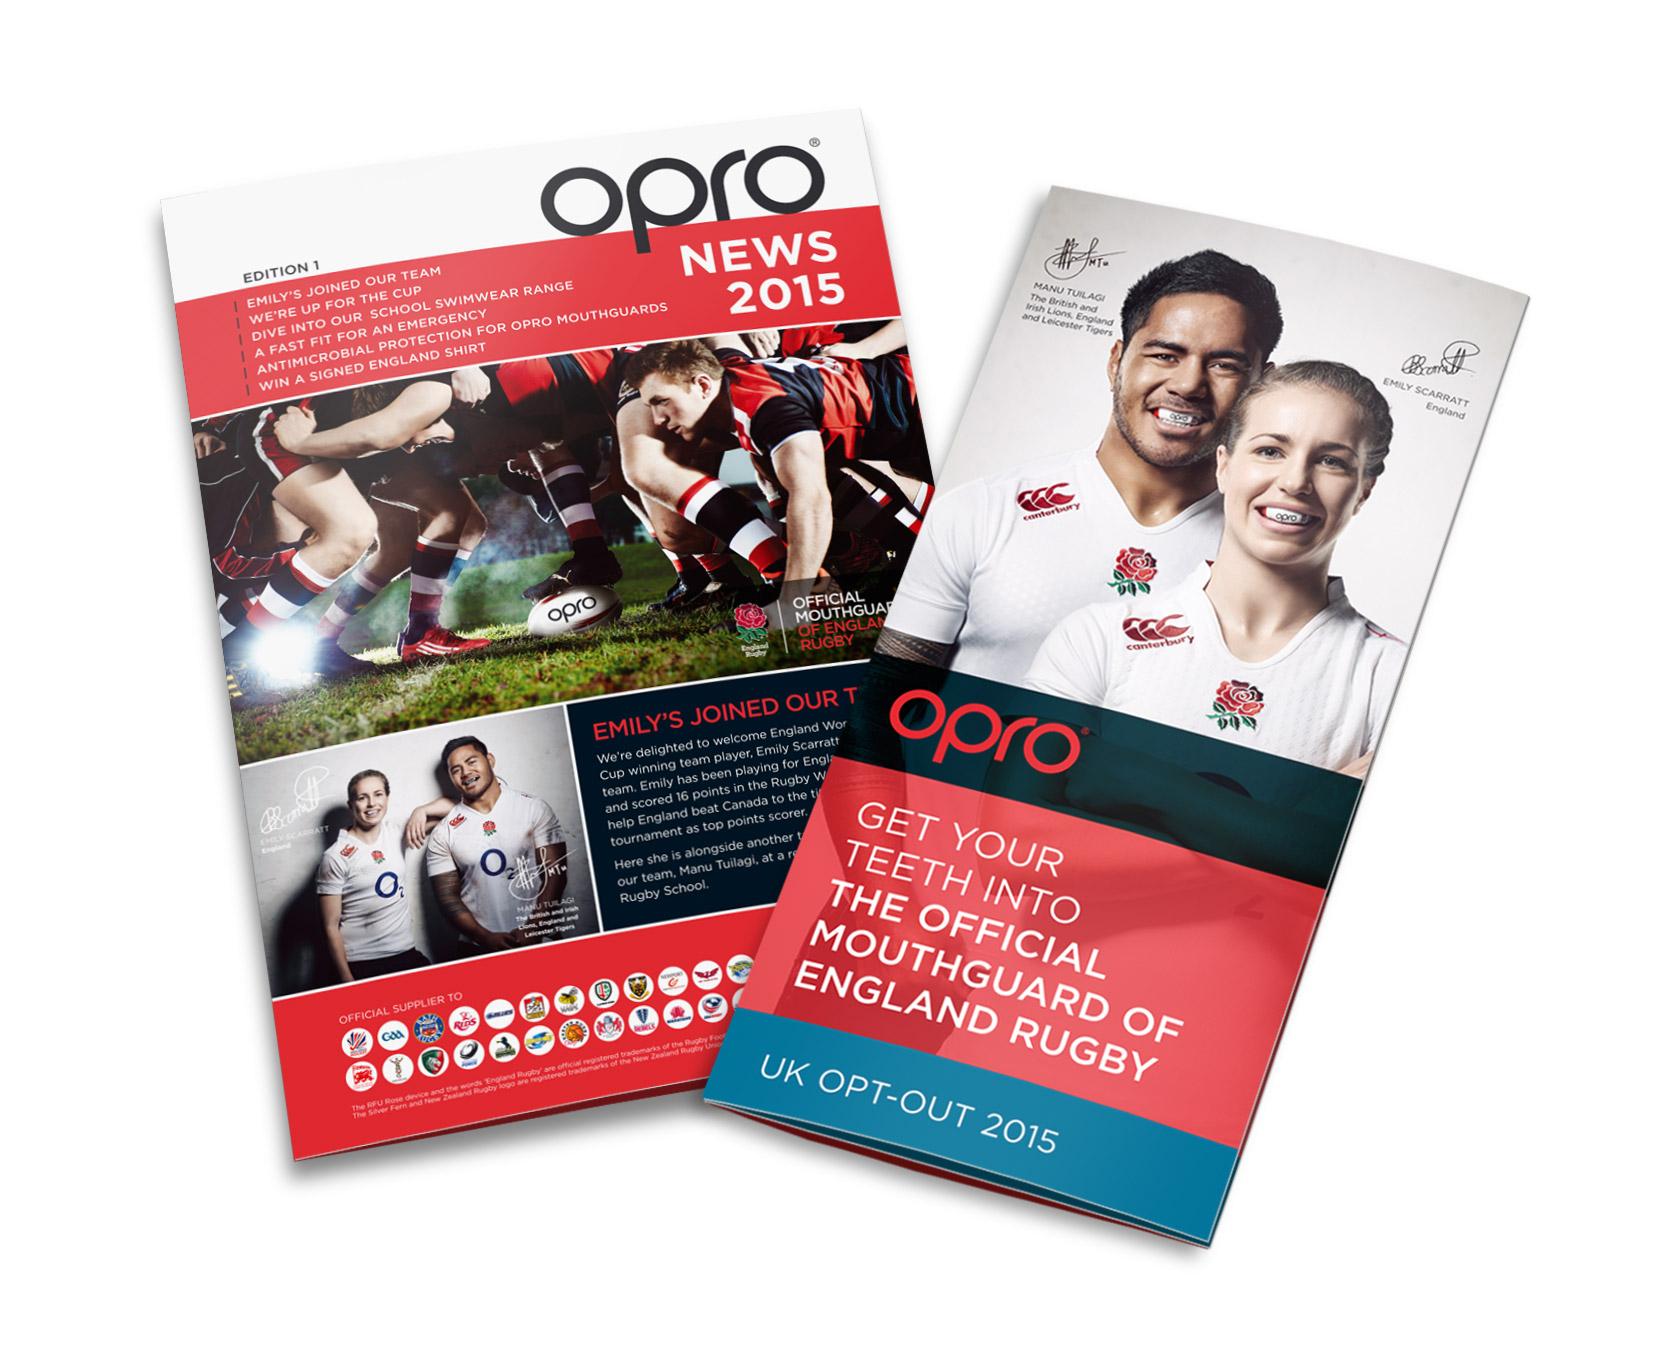 OPRO leaflets